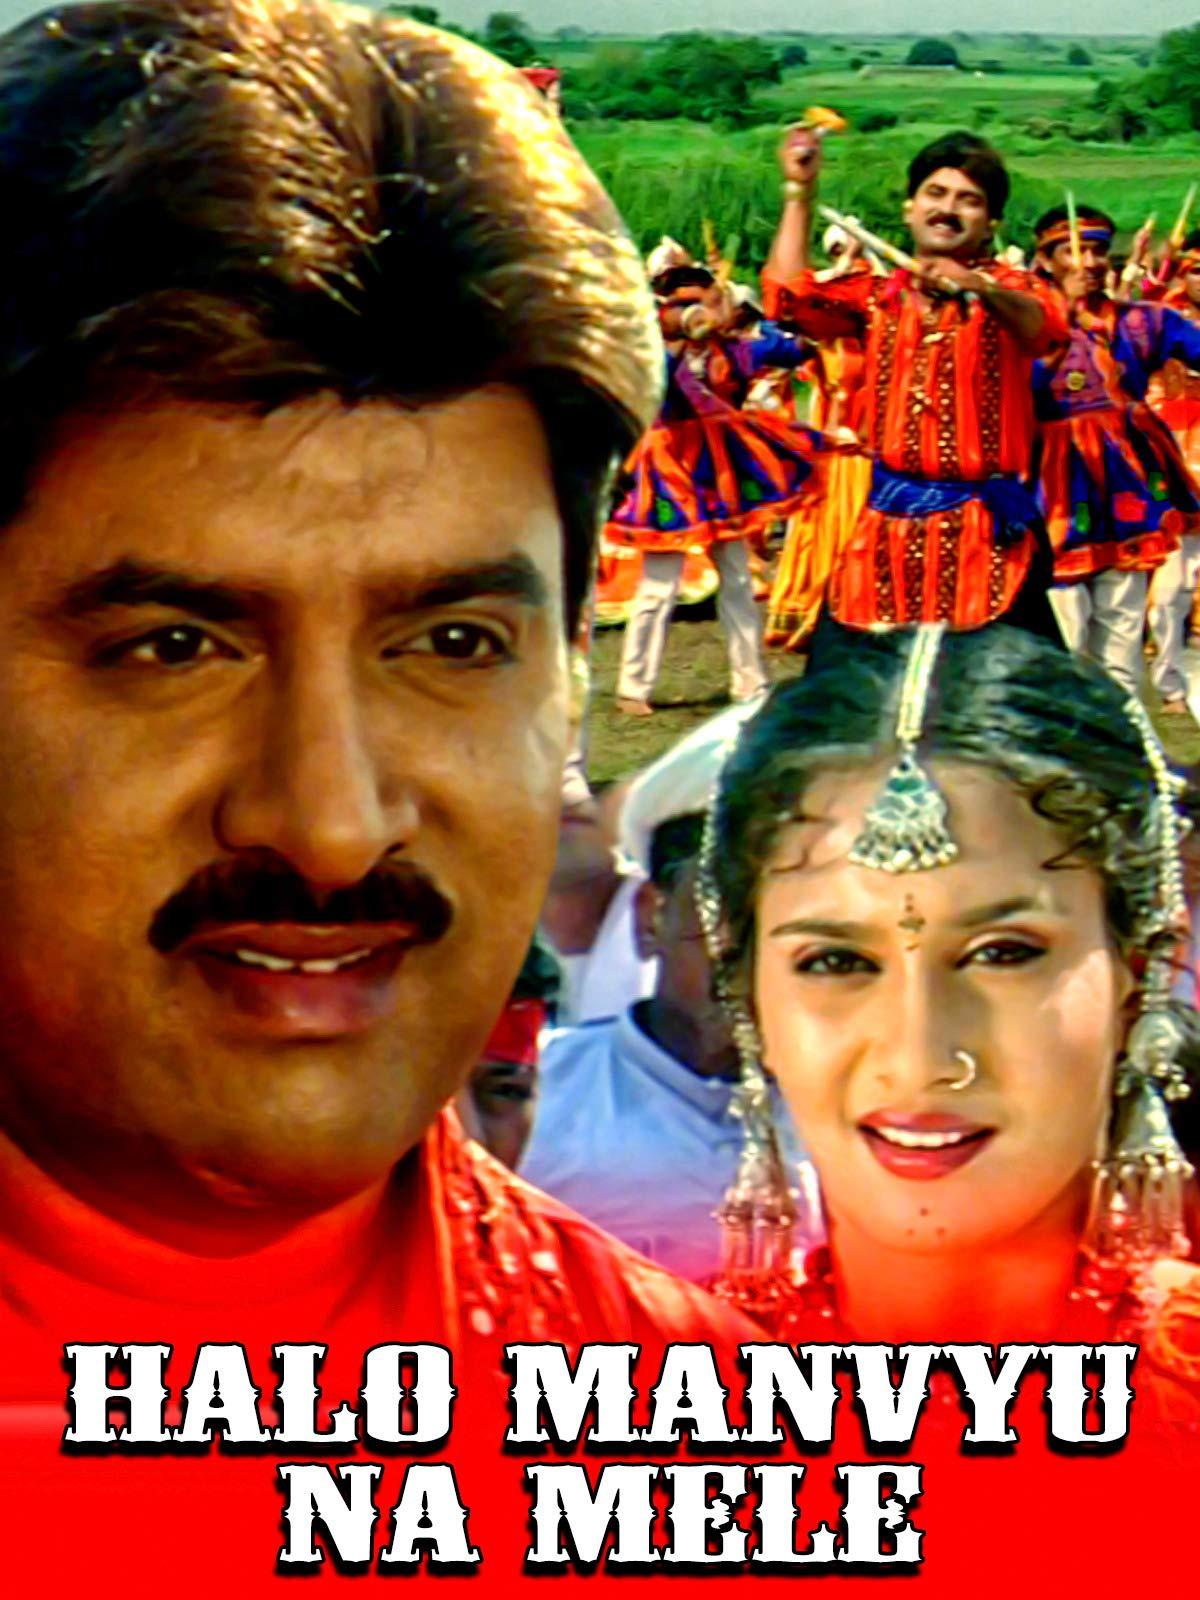 Halo Manvyu Na Mele